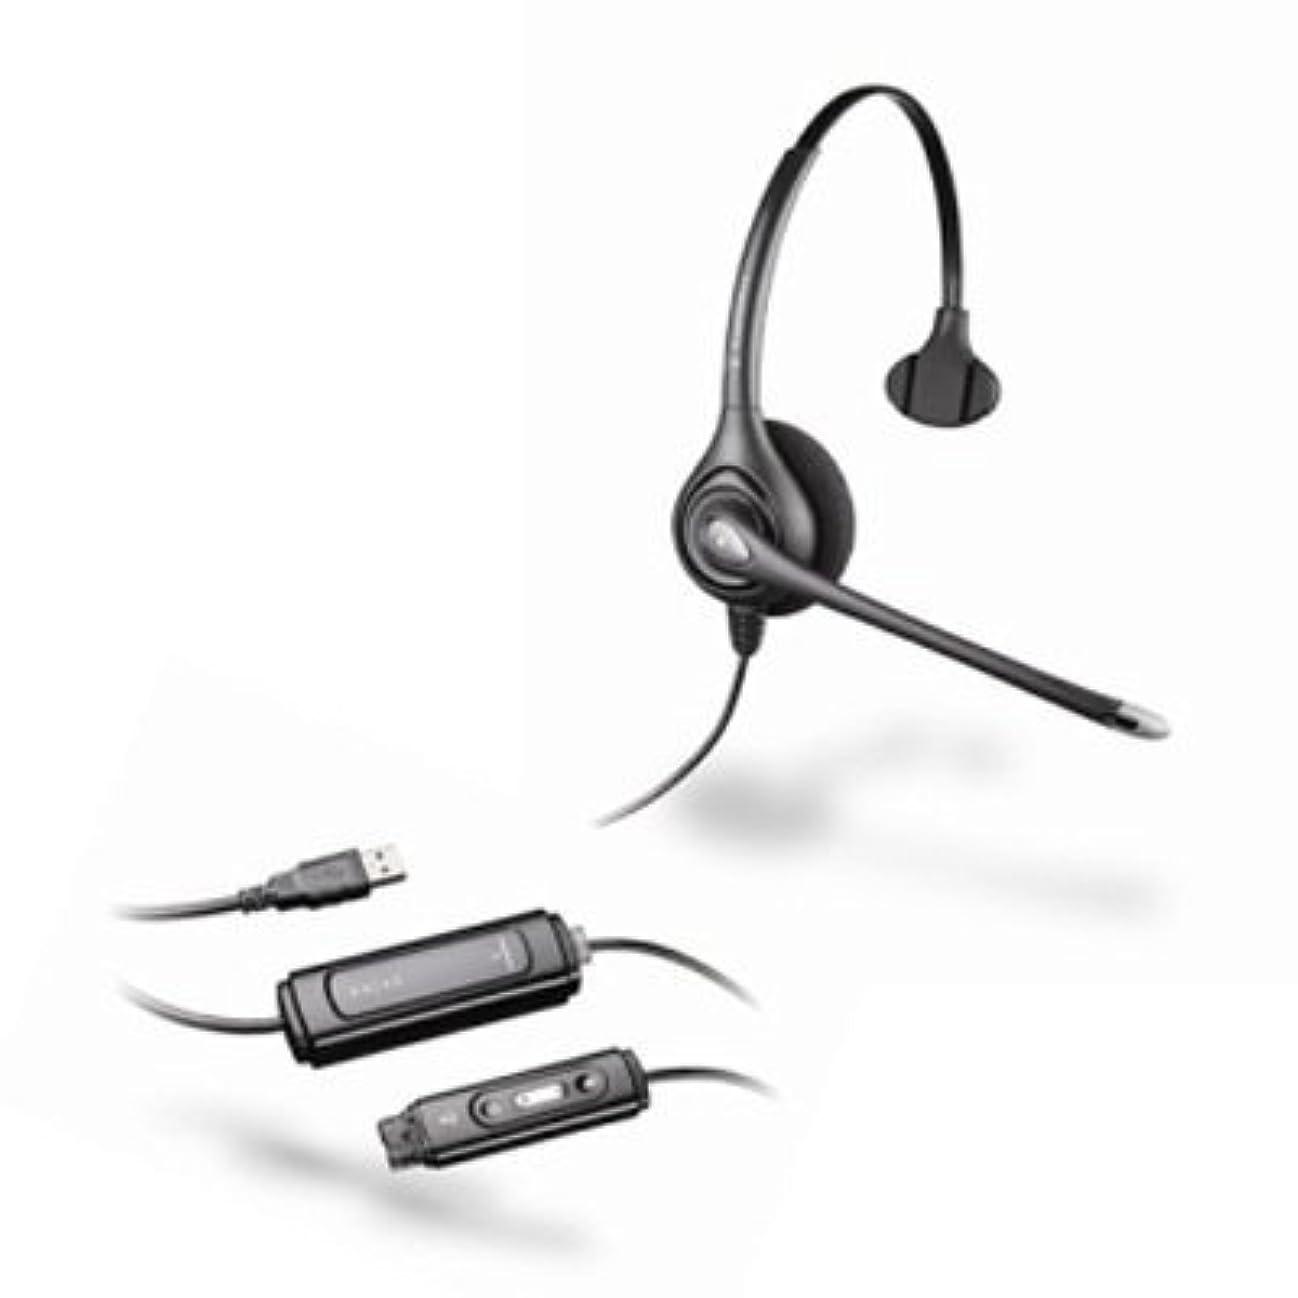 コマンドほんの無関心Plantronics HW251N/DA-M MOC SupraPlus Wideband USB Headset [並行輸入品]